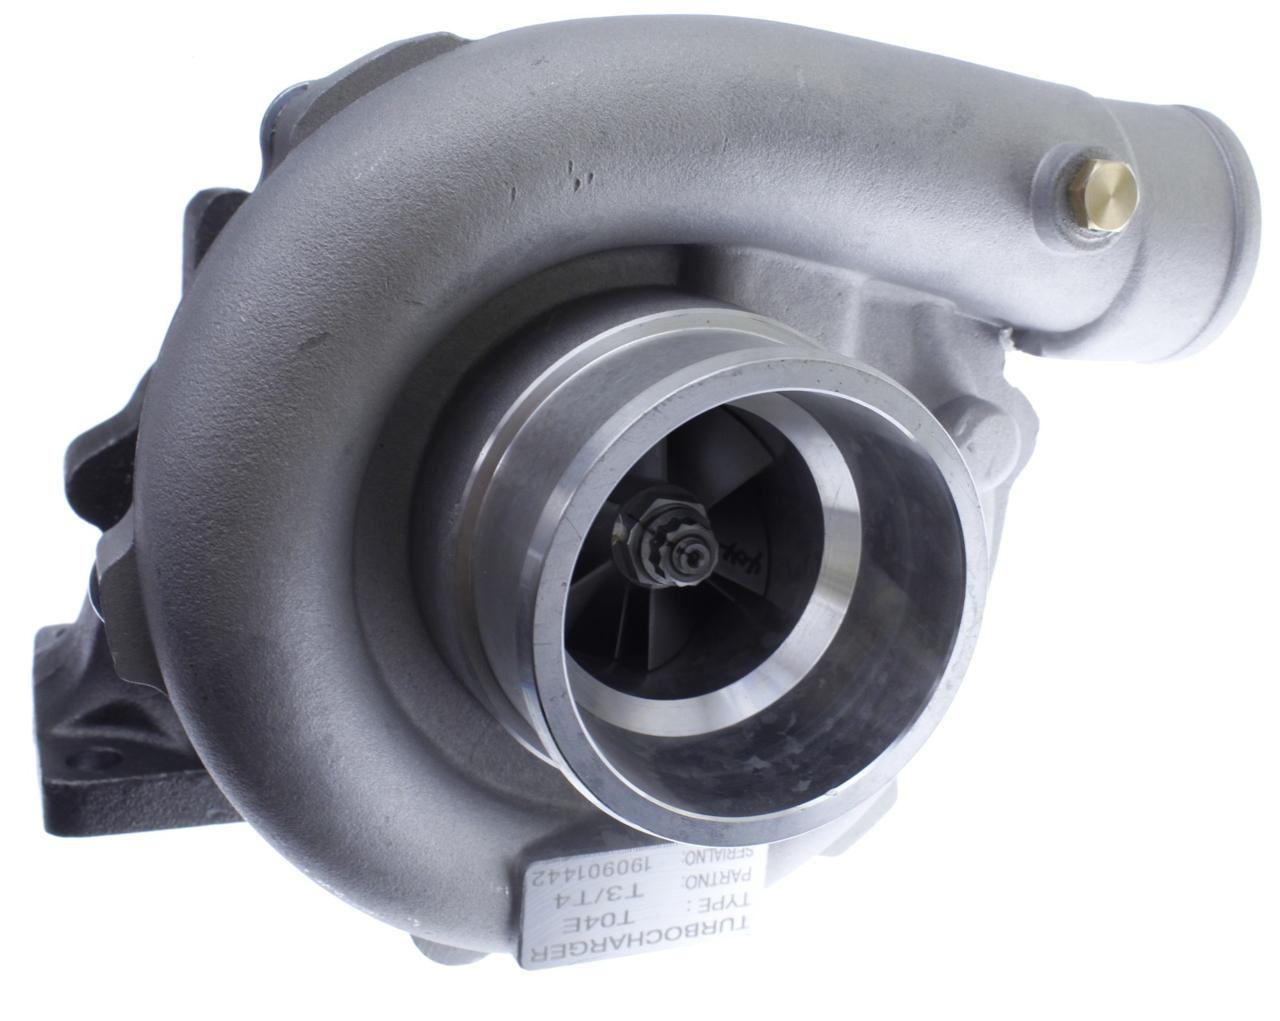 Bilde av Turbocharger T3 for external wastegate application - 380hp